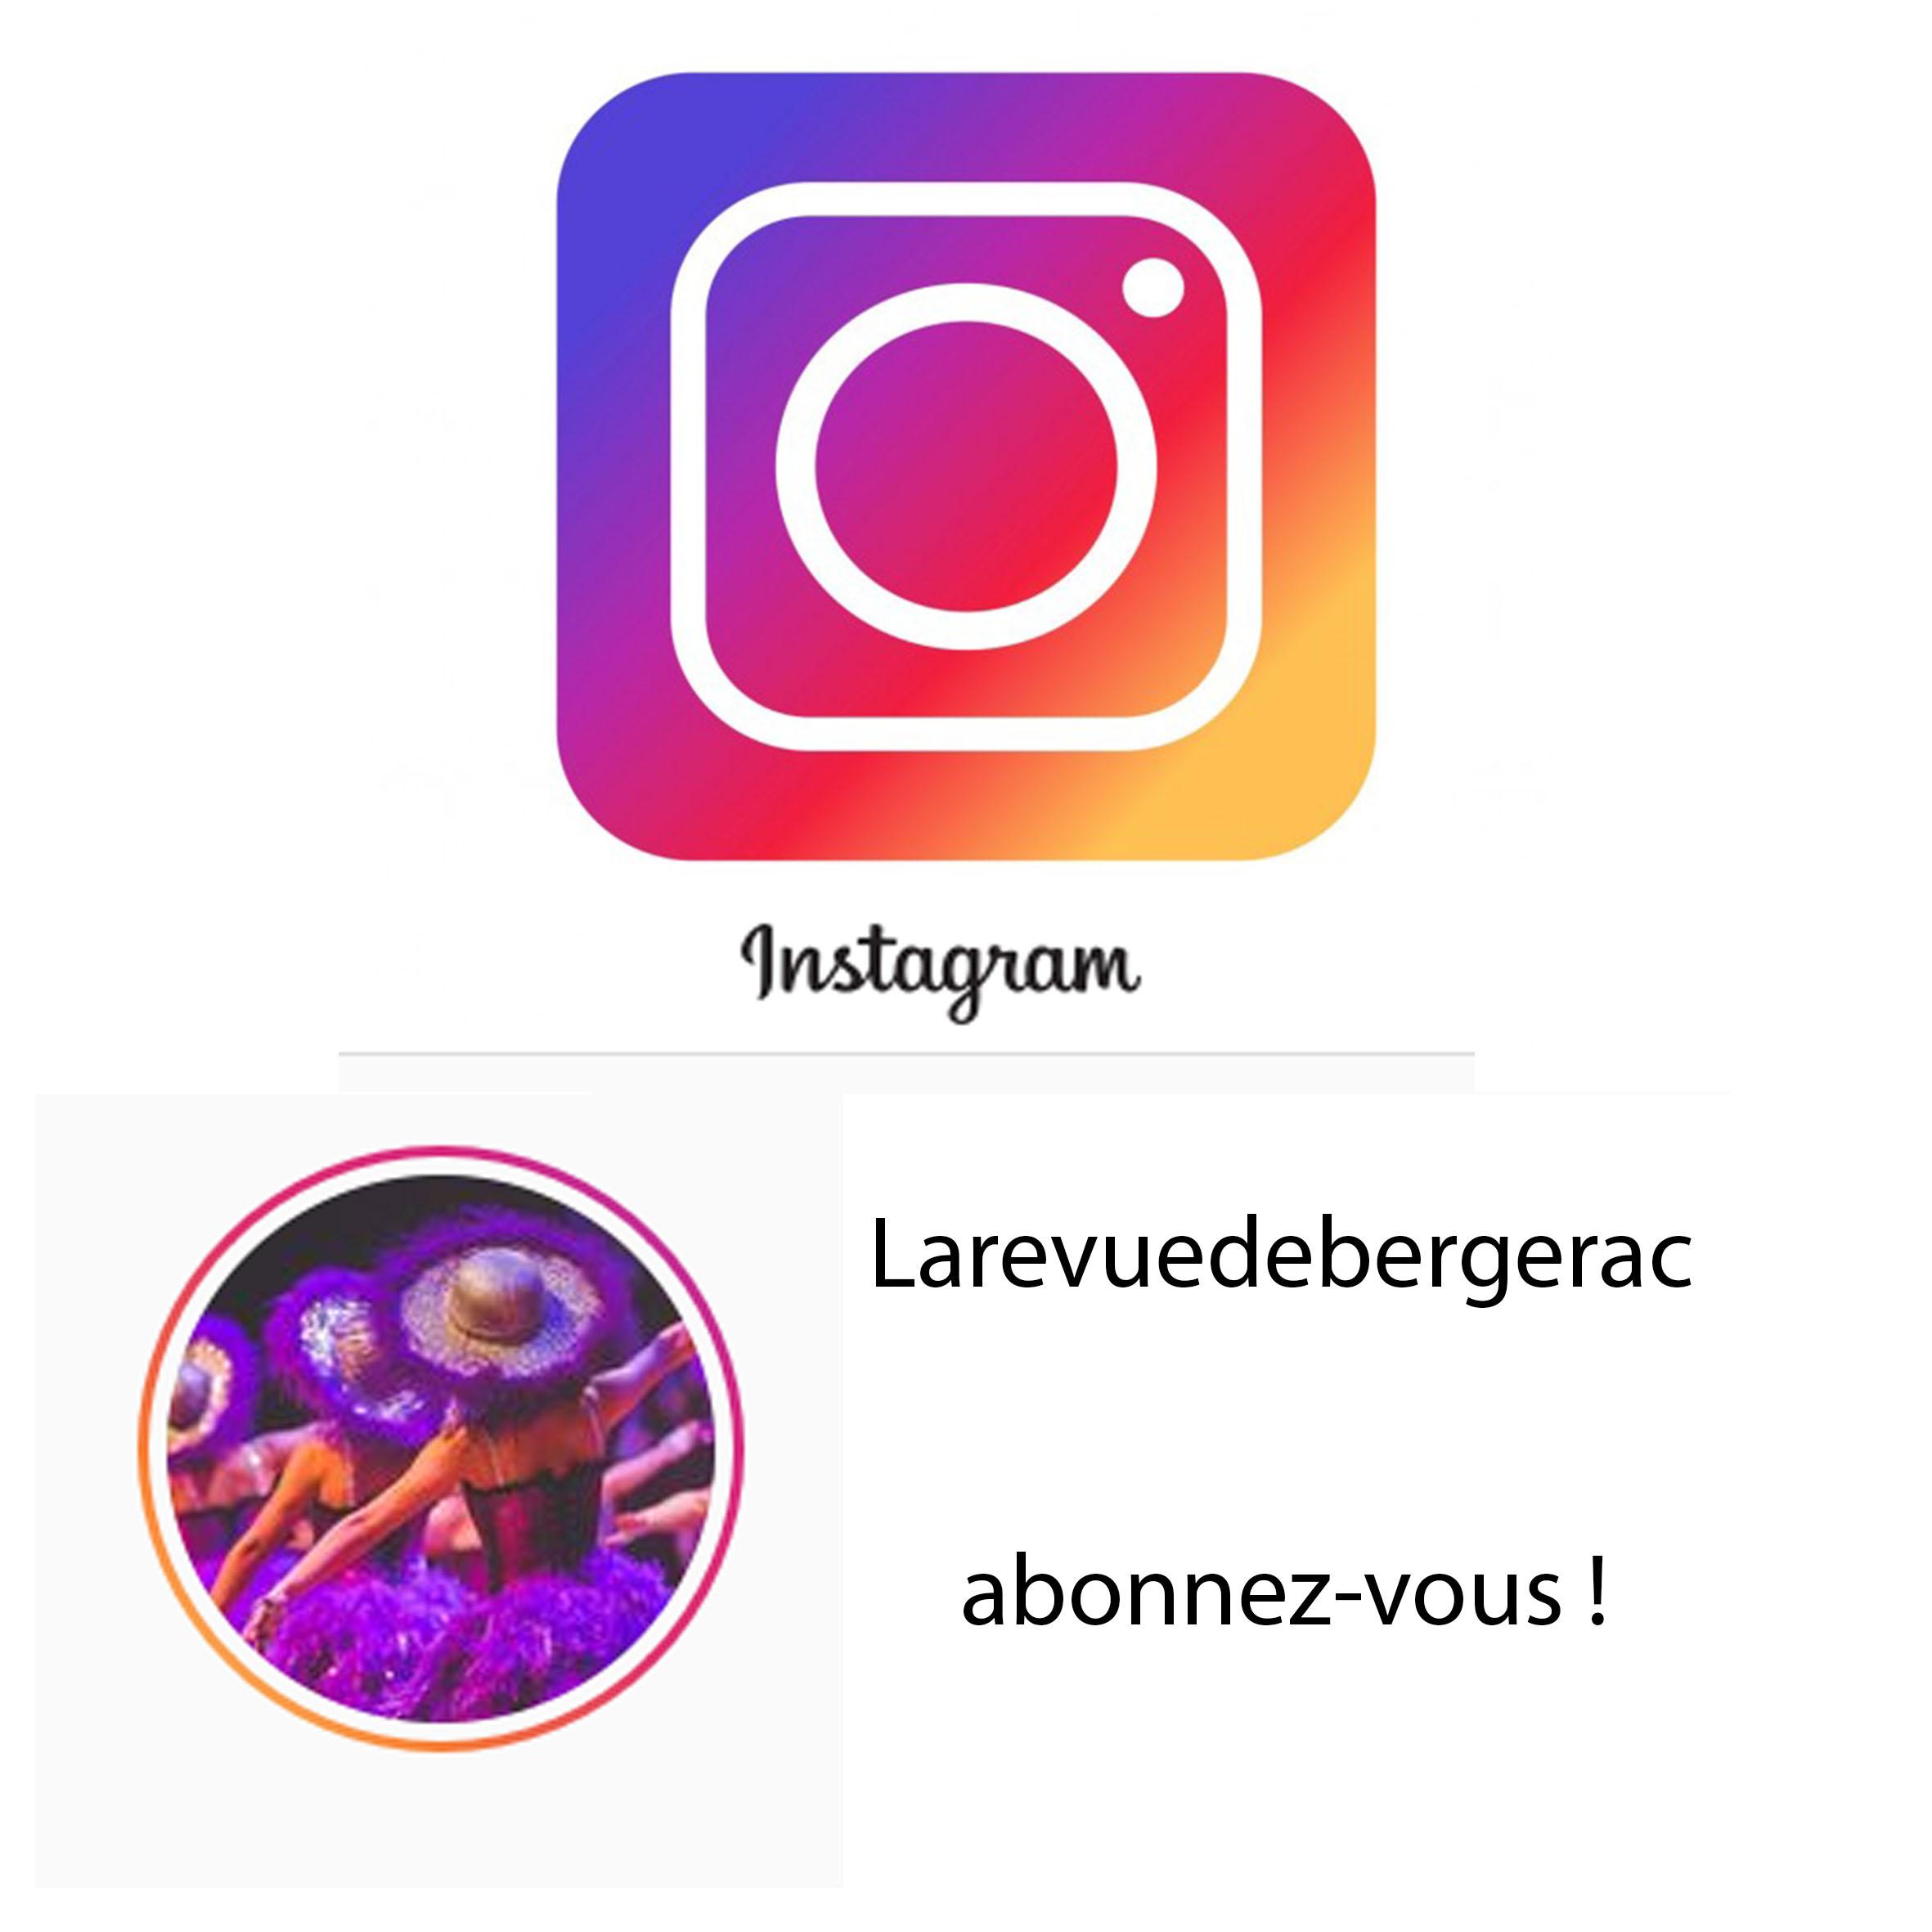 Un compte Instagram pour la Revue de Bergerac